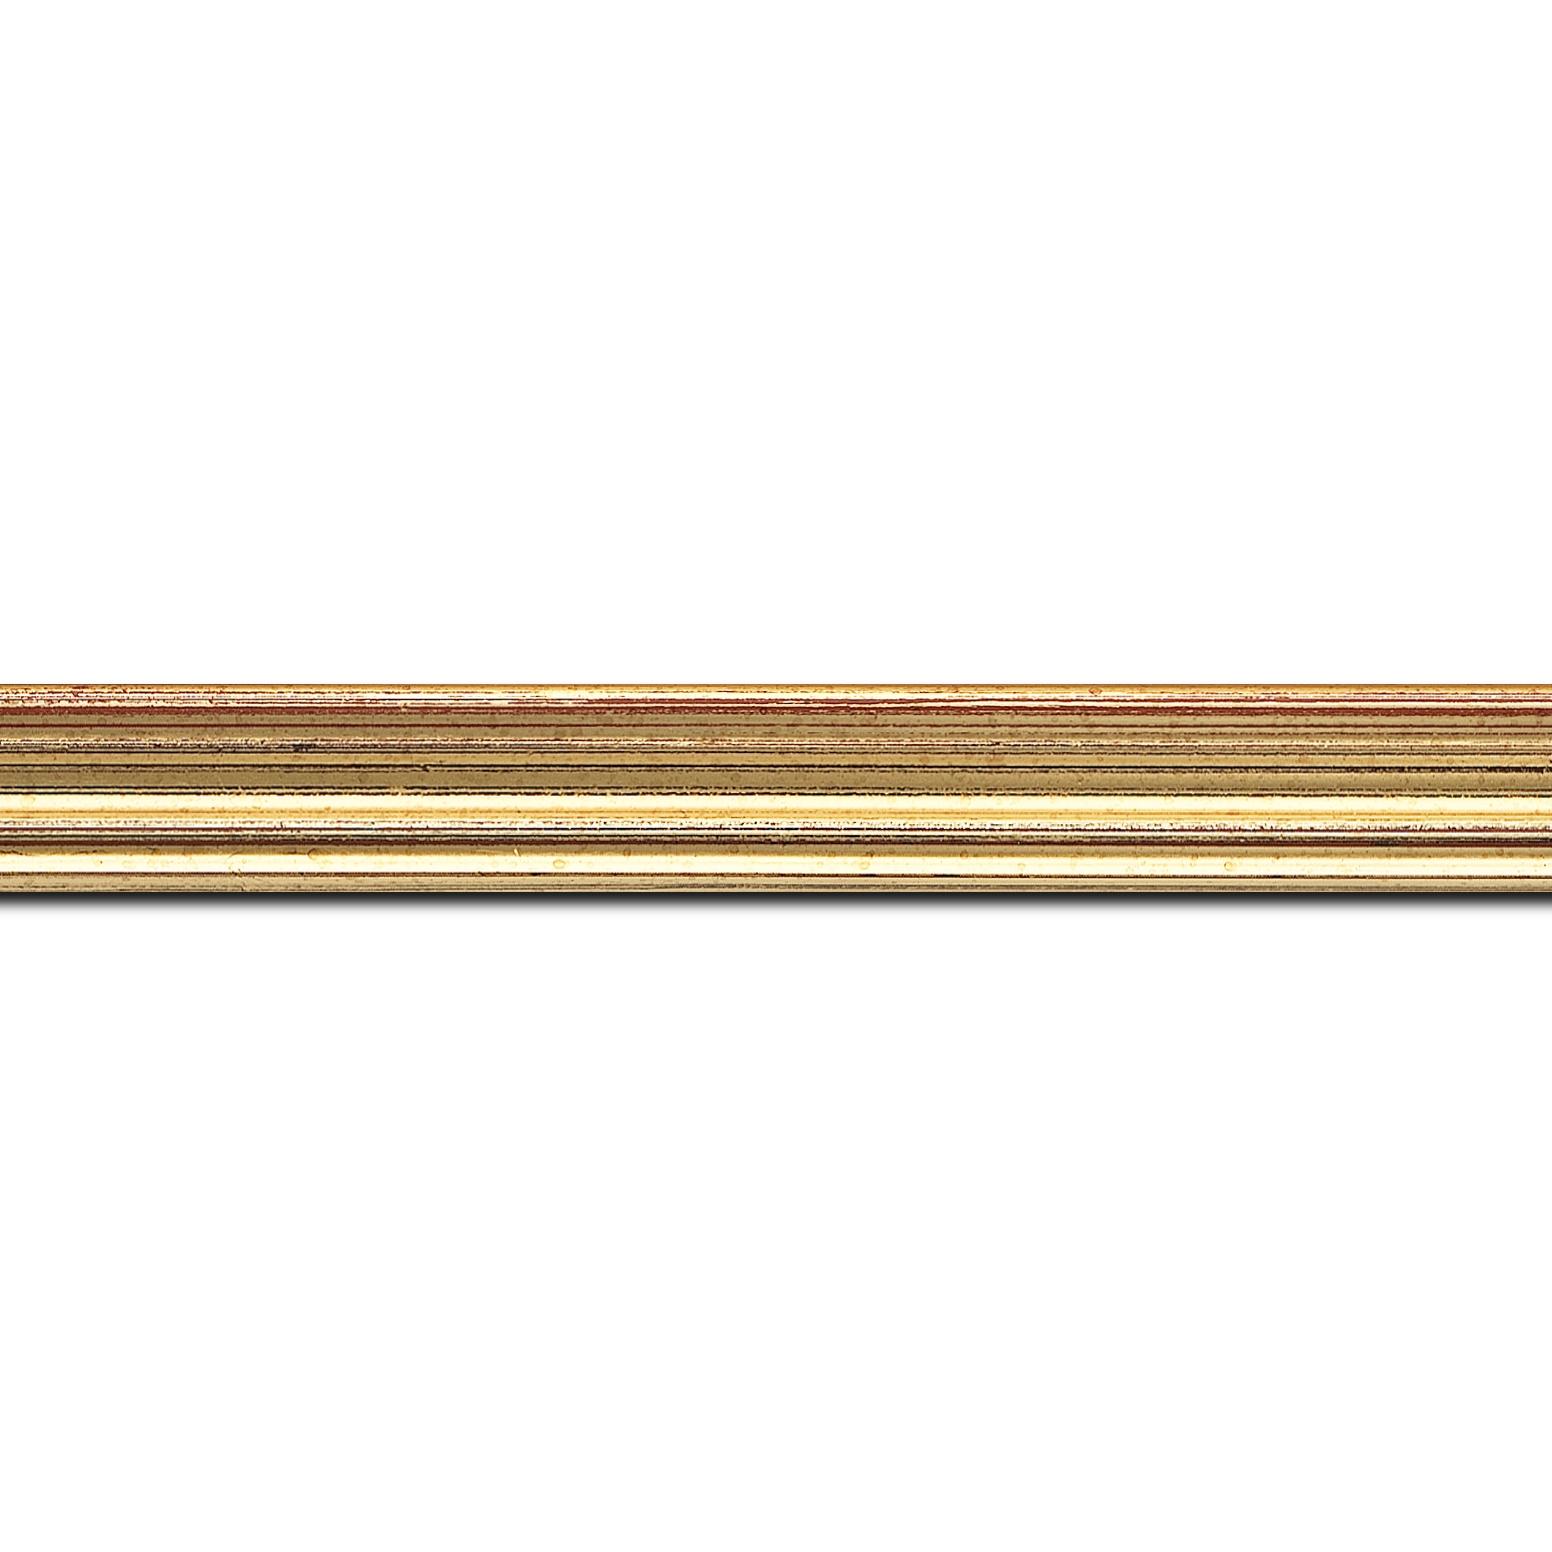 Pack par 12m, bois profil incurvé largeur 2.1cm or patiné à la feuille (longueur baguette pouvant varier entre 2.40m et 3m selon arrivage des bois)